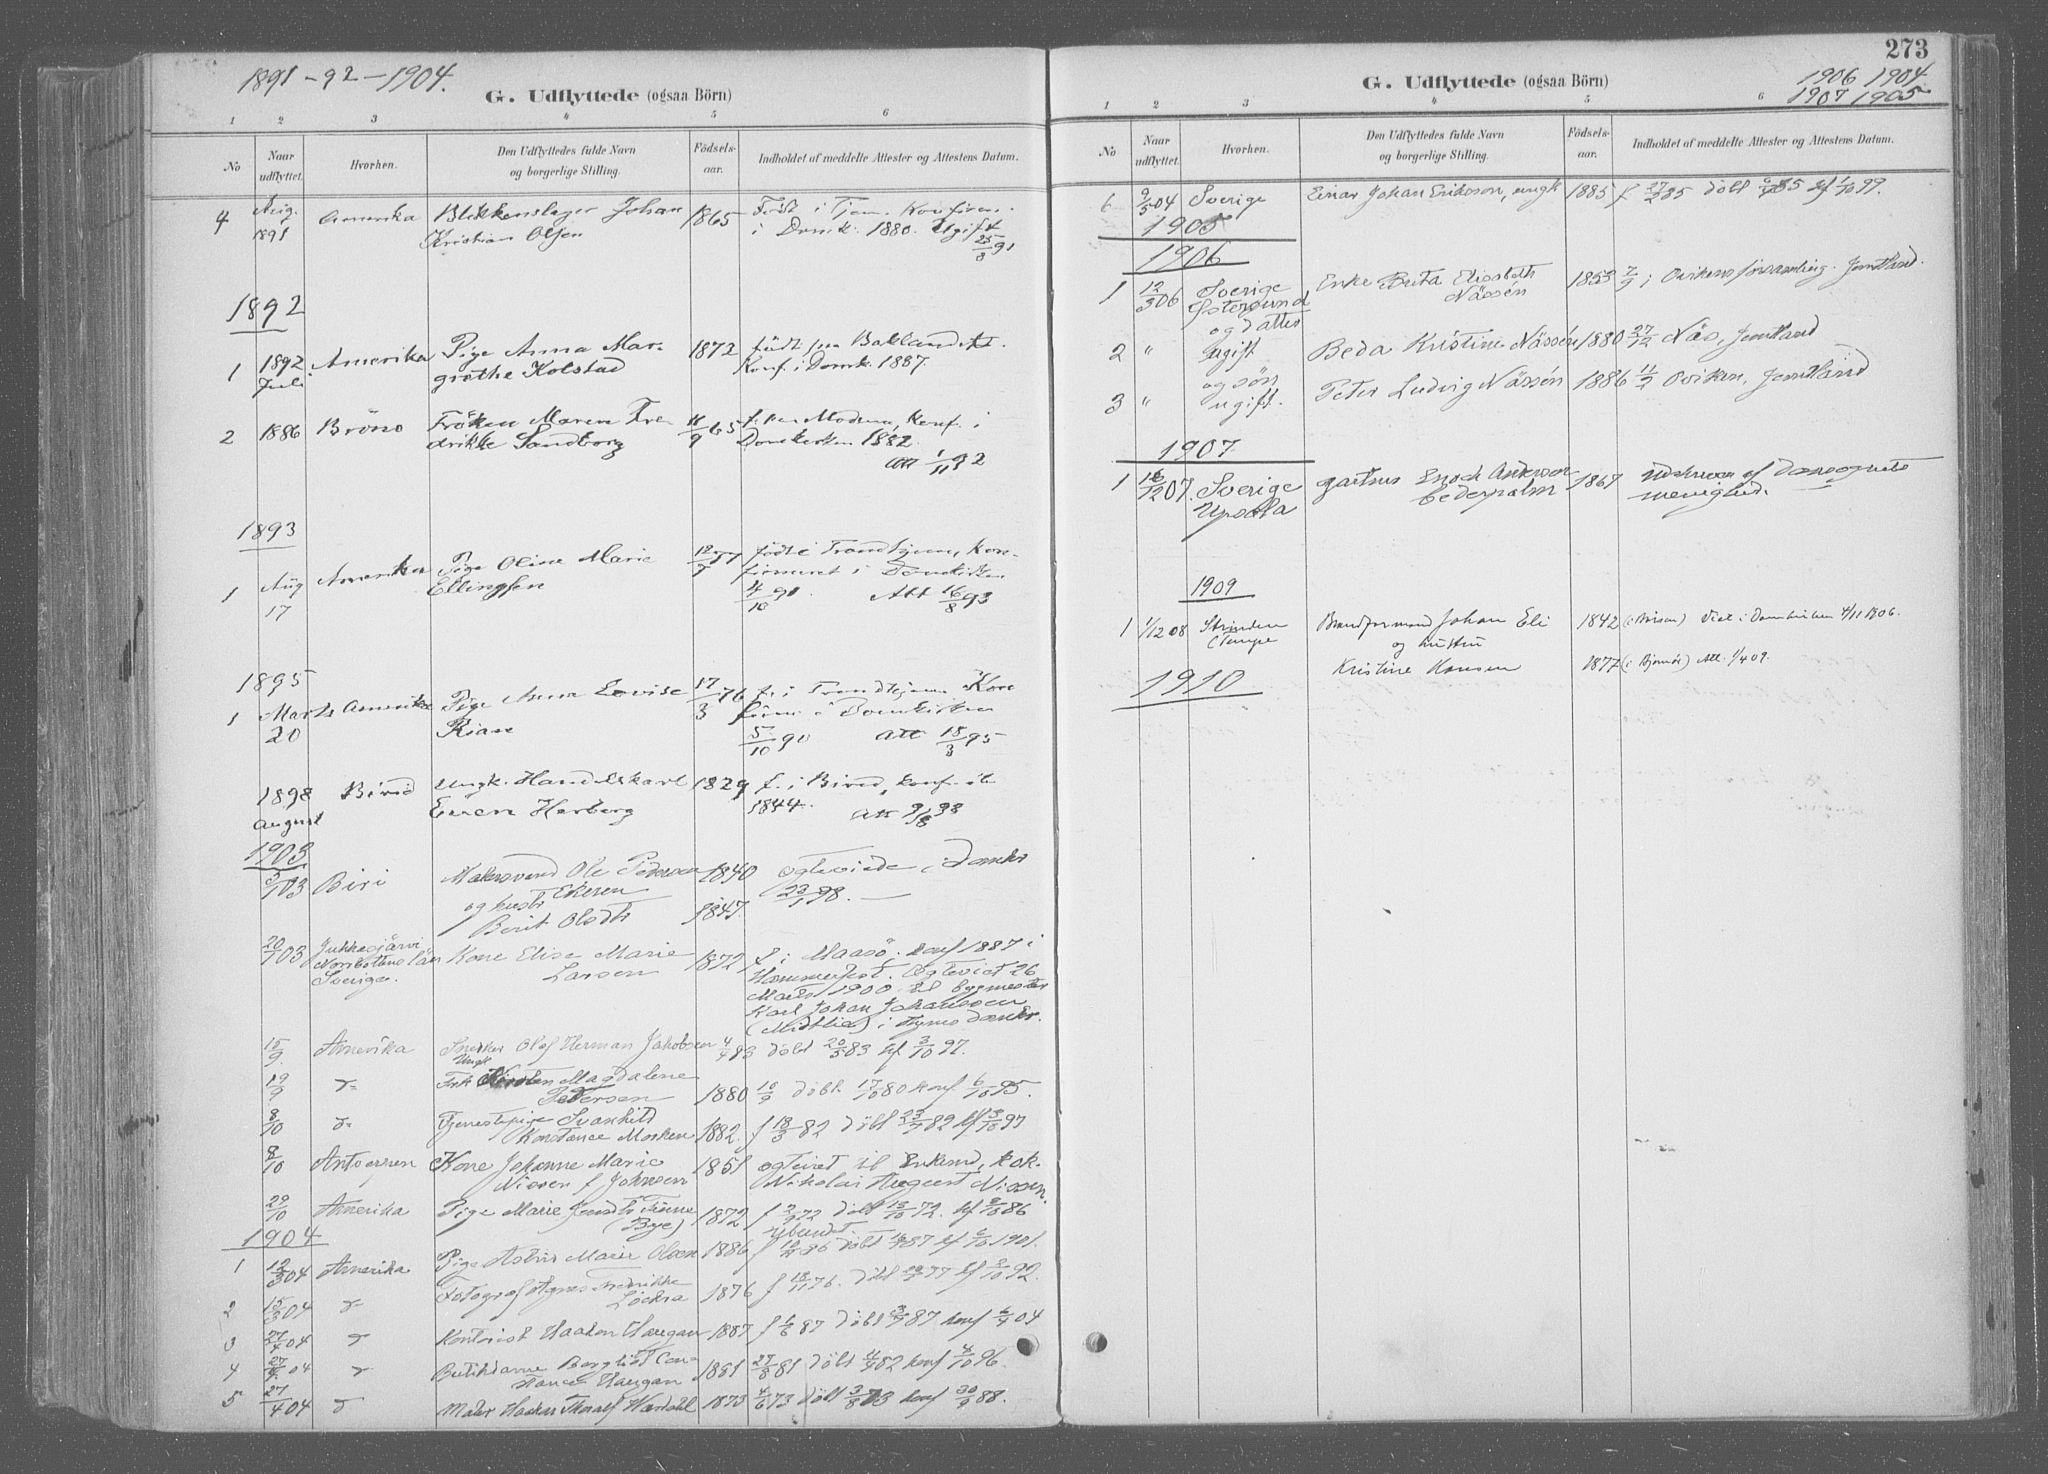 SAT, Ministerialprotokoller, klokkerbøker og fødselsregistre - Sør-Trøndelag, 601/L0064: Ministerialbok nr. 601A31, 1891-1911, s. 273